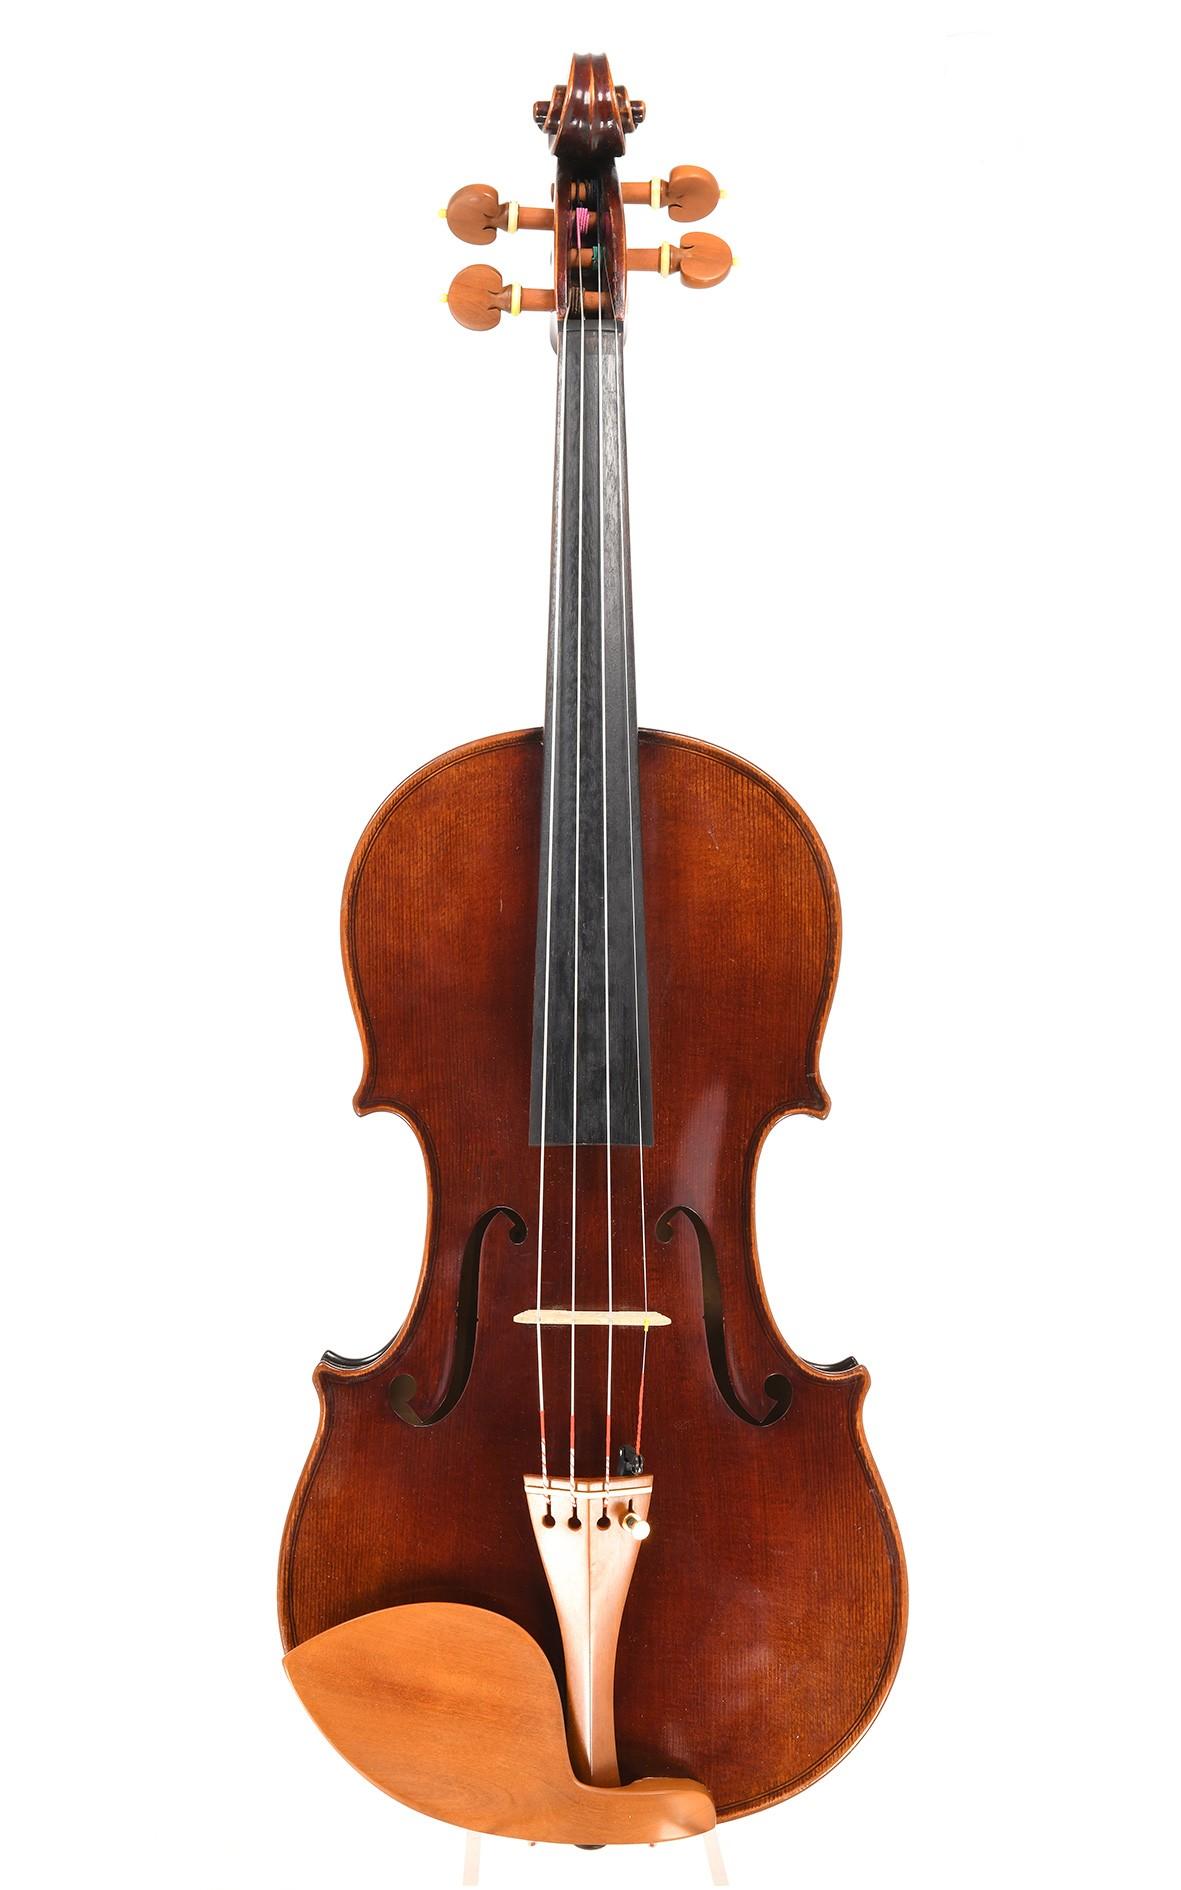 Markneukirchen violin. Max & Ernst Fischer, 1945